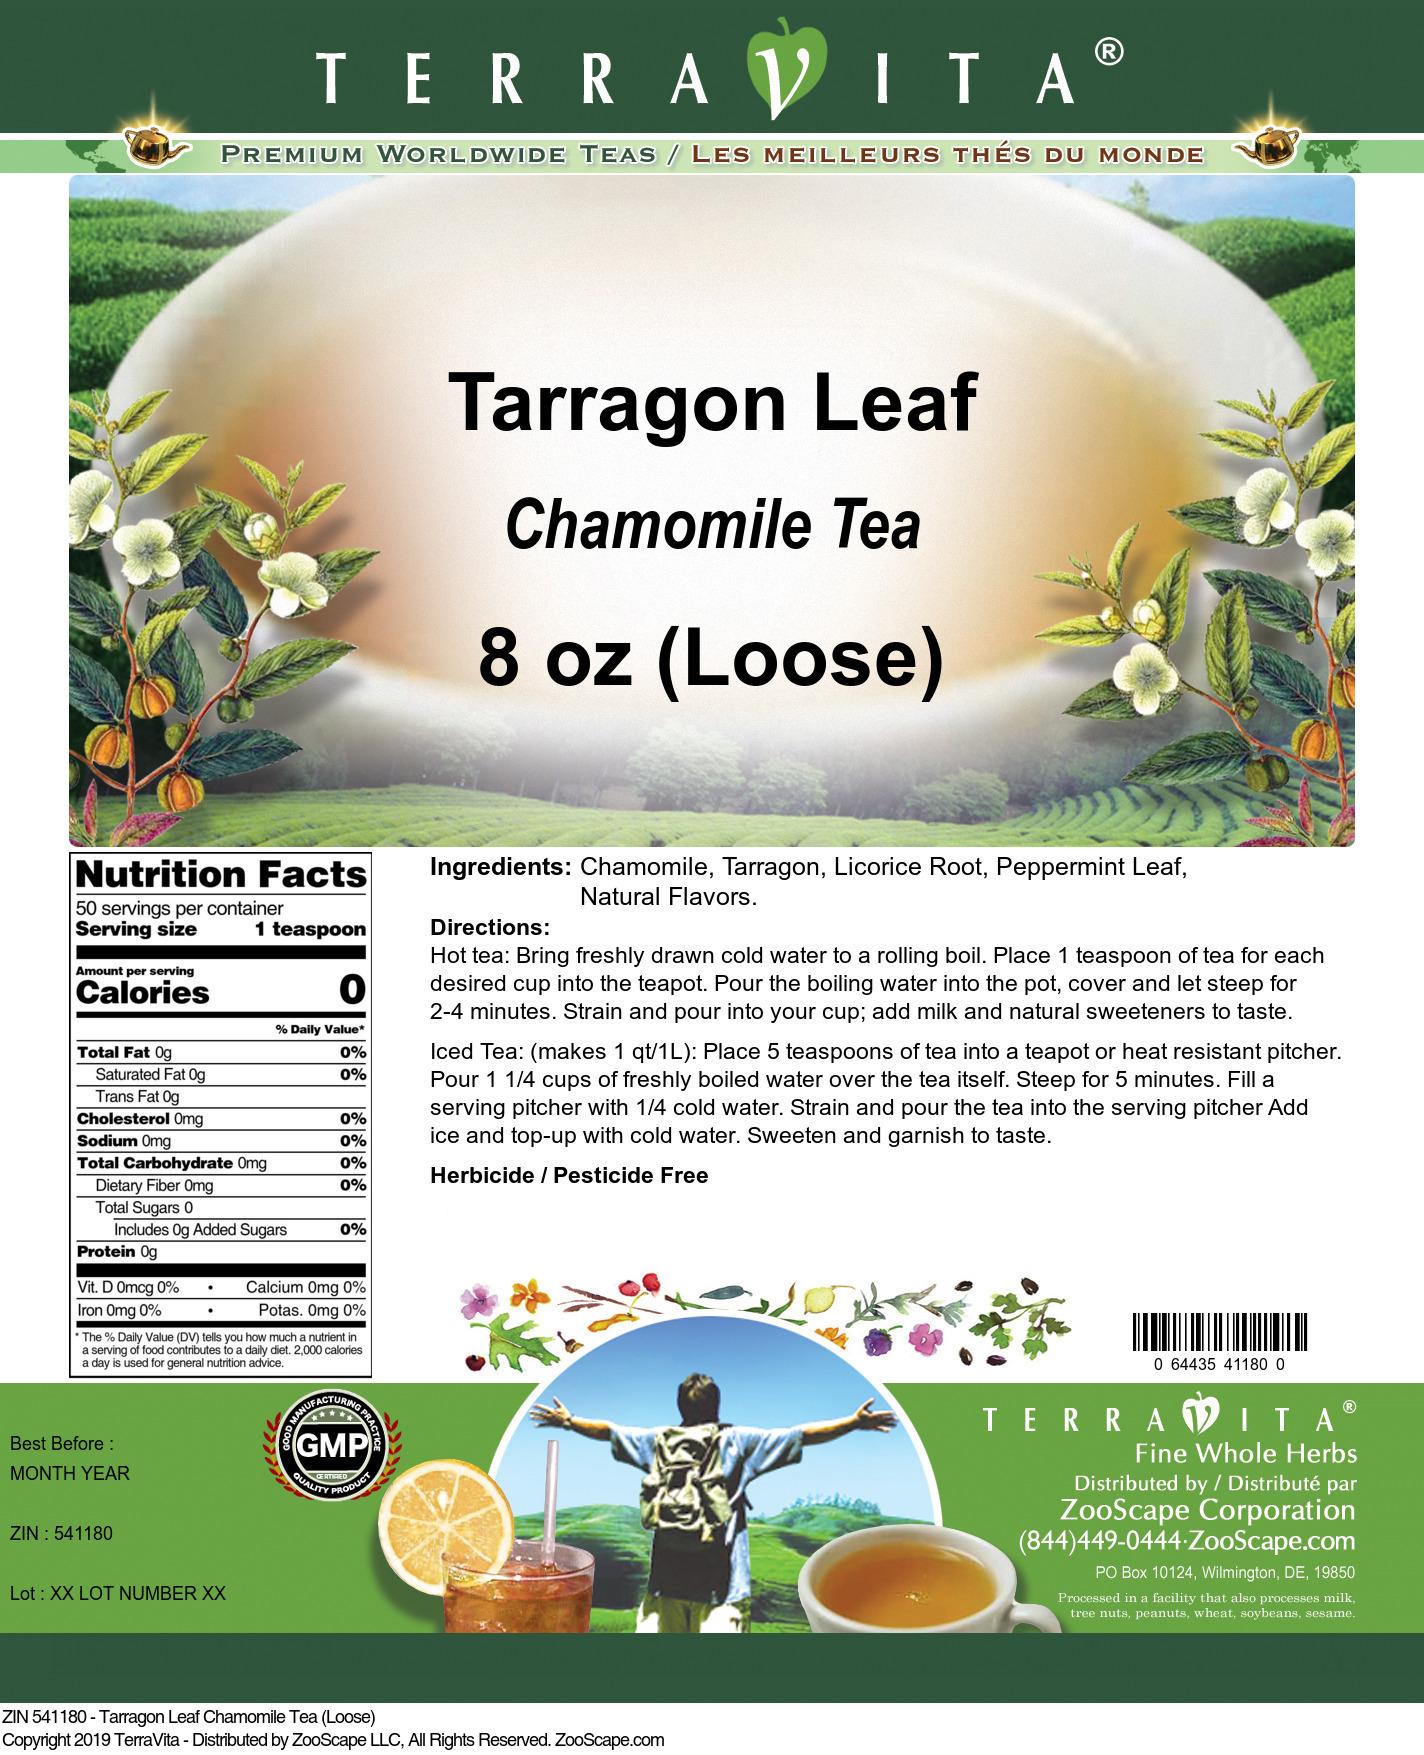 Tarragon Leaf Chamomile Tea